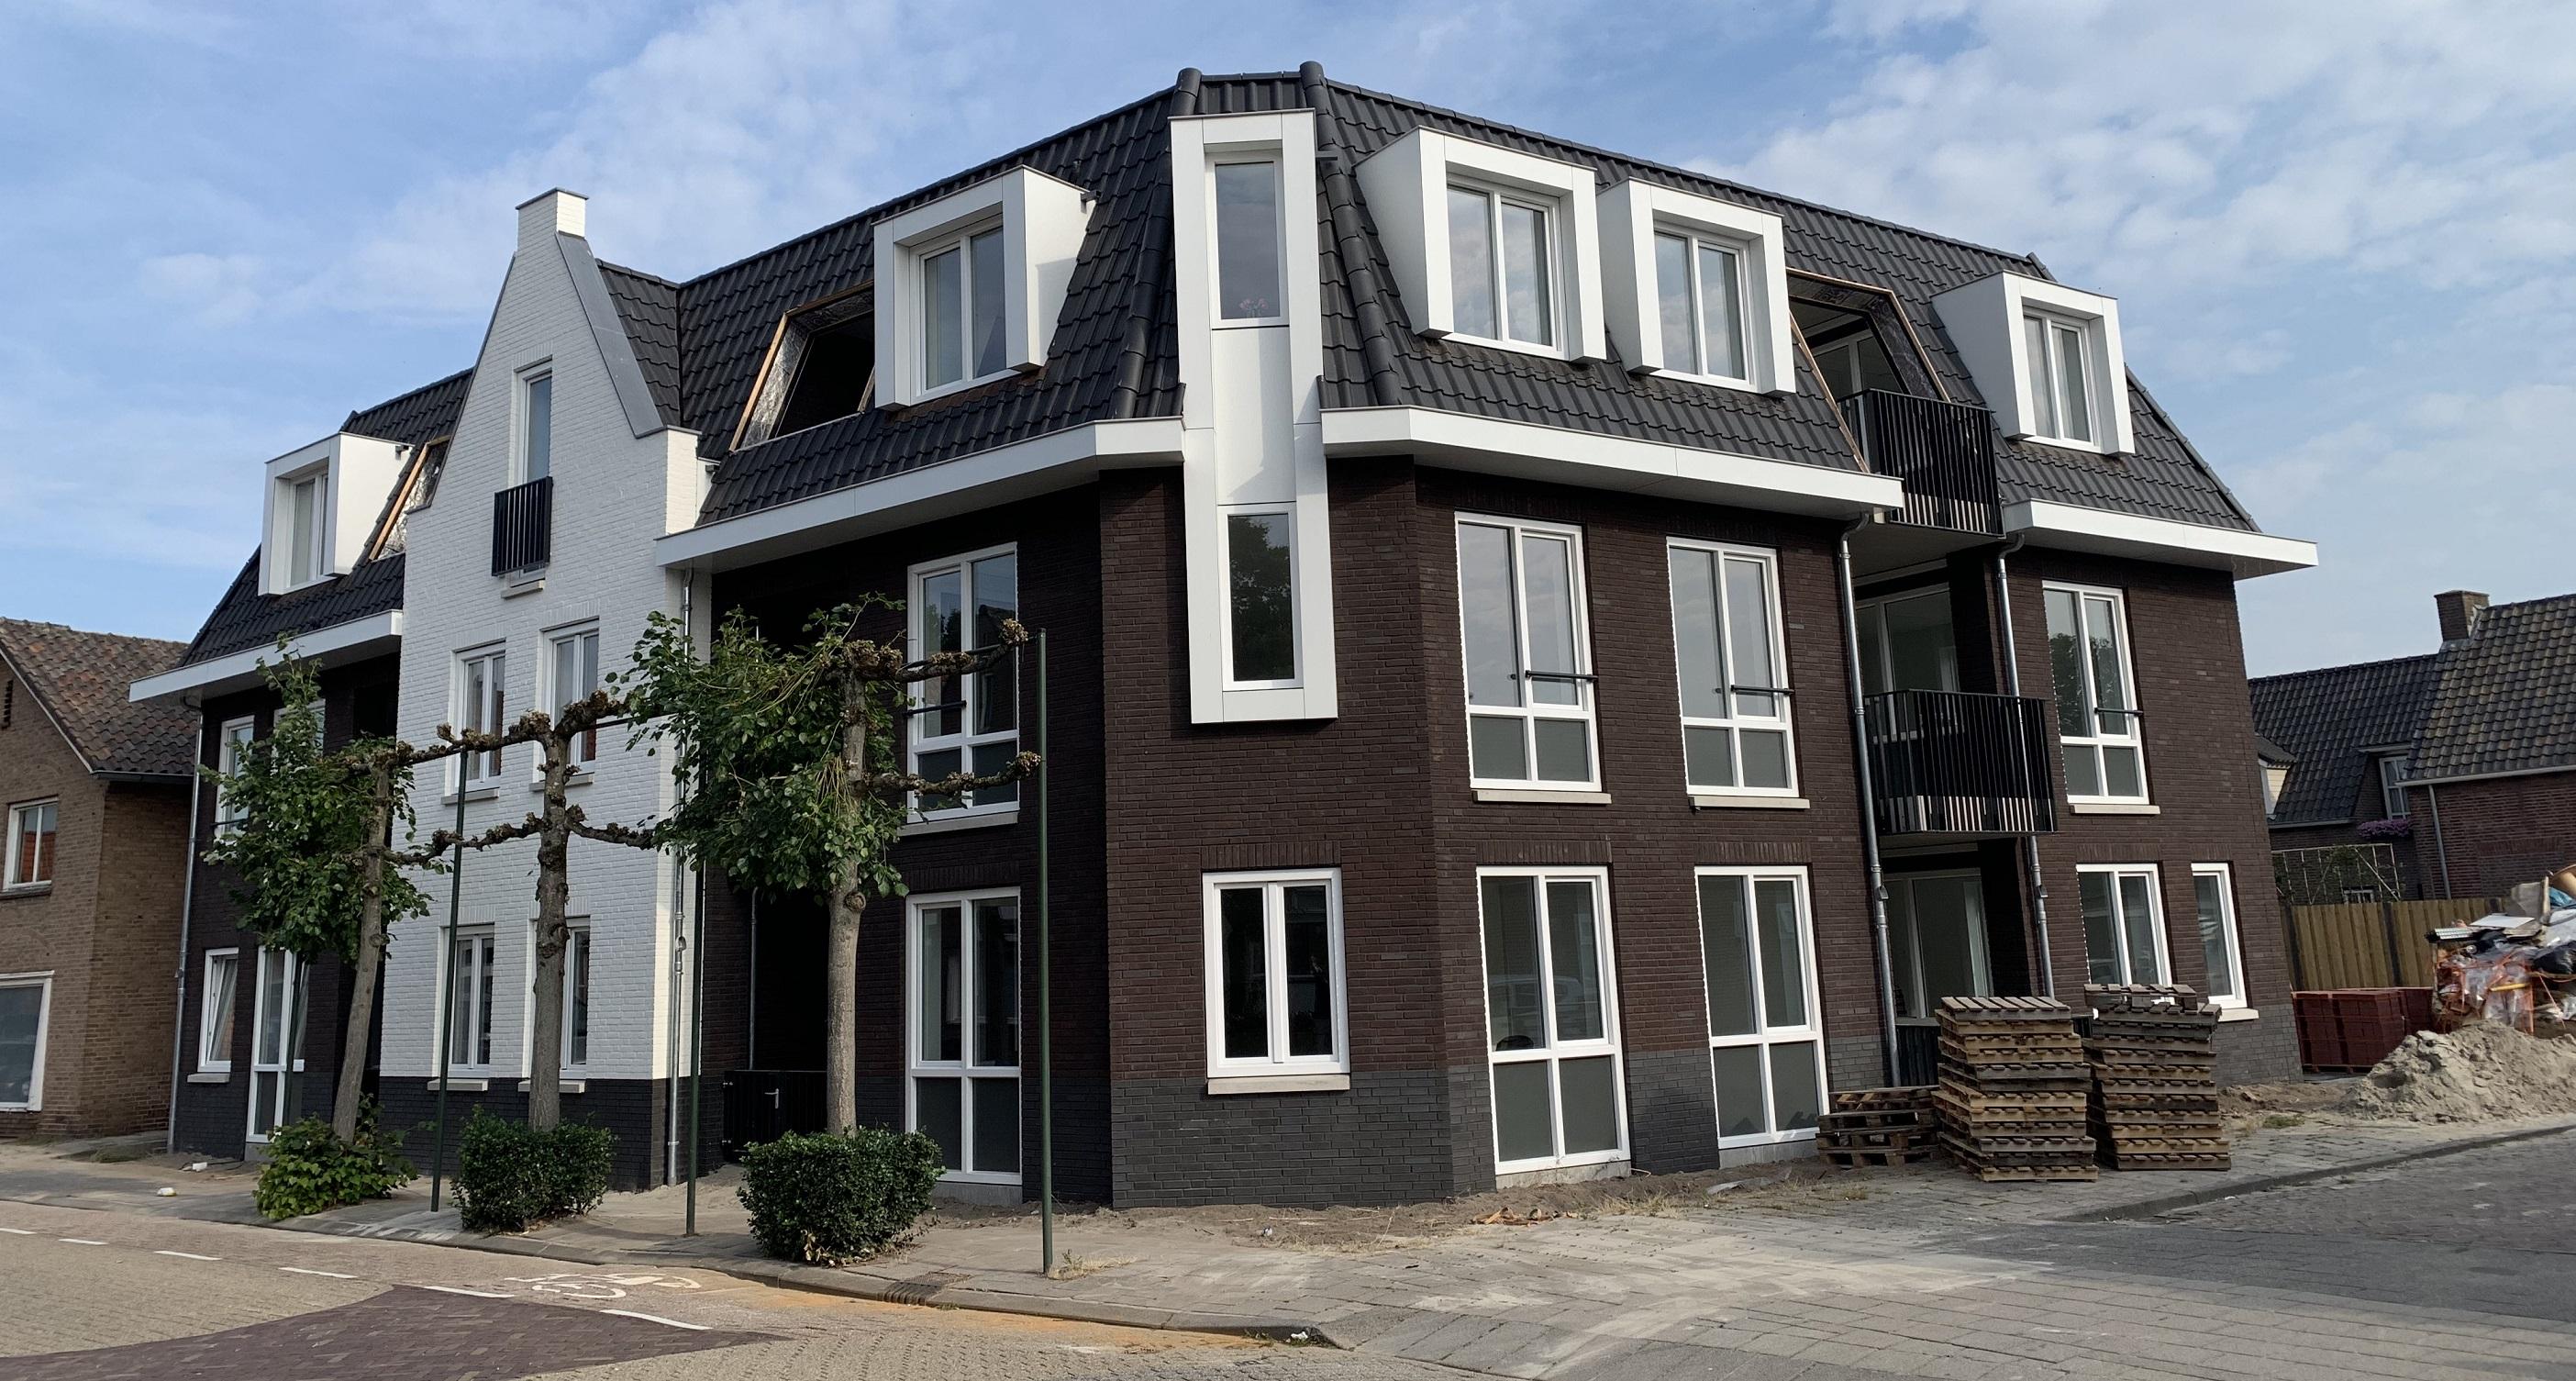 Welkom op DongenWoont.nl